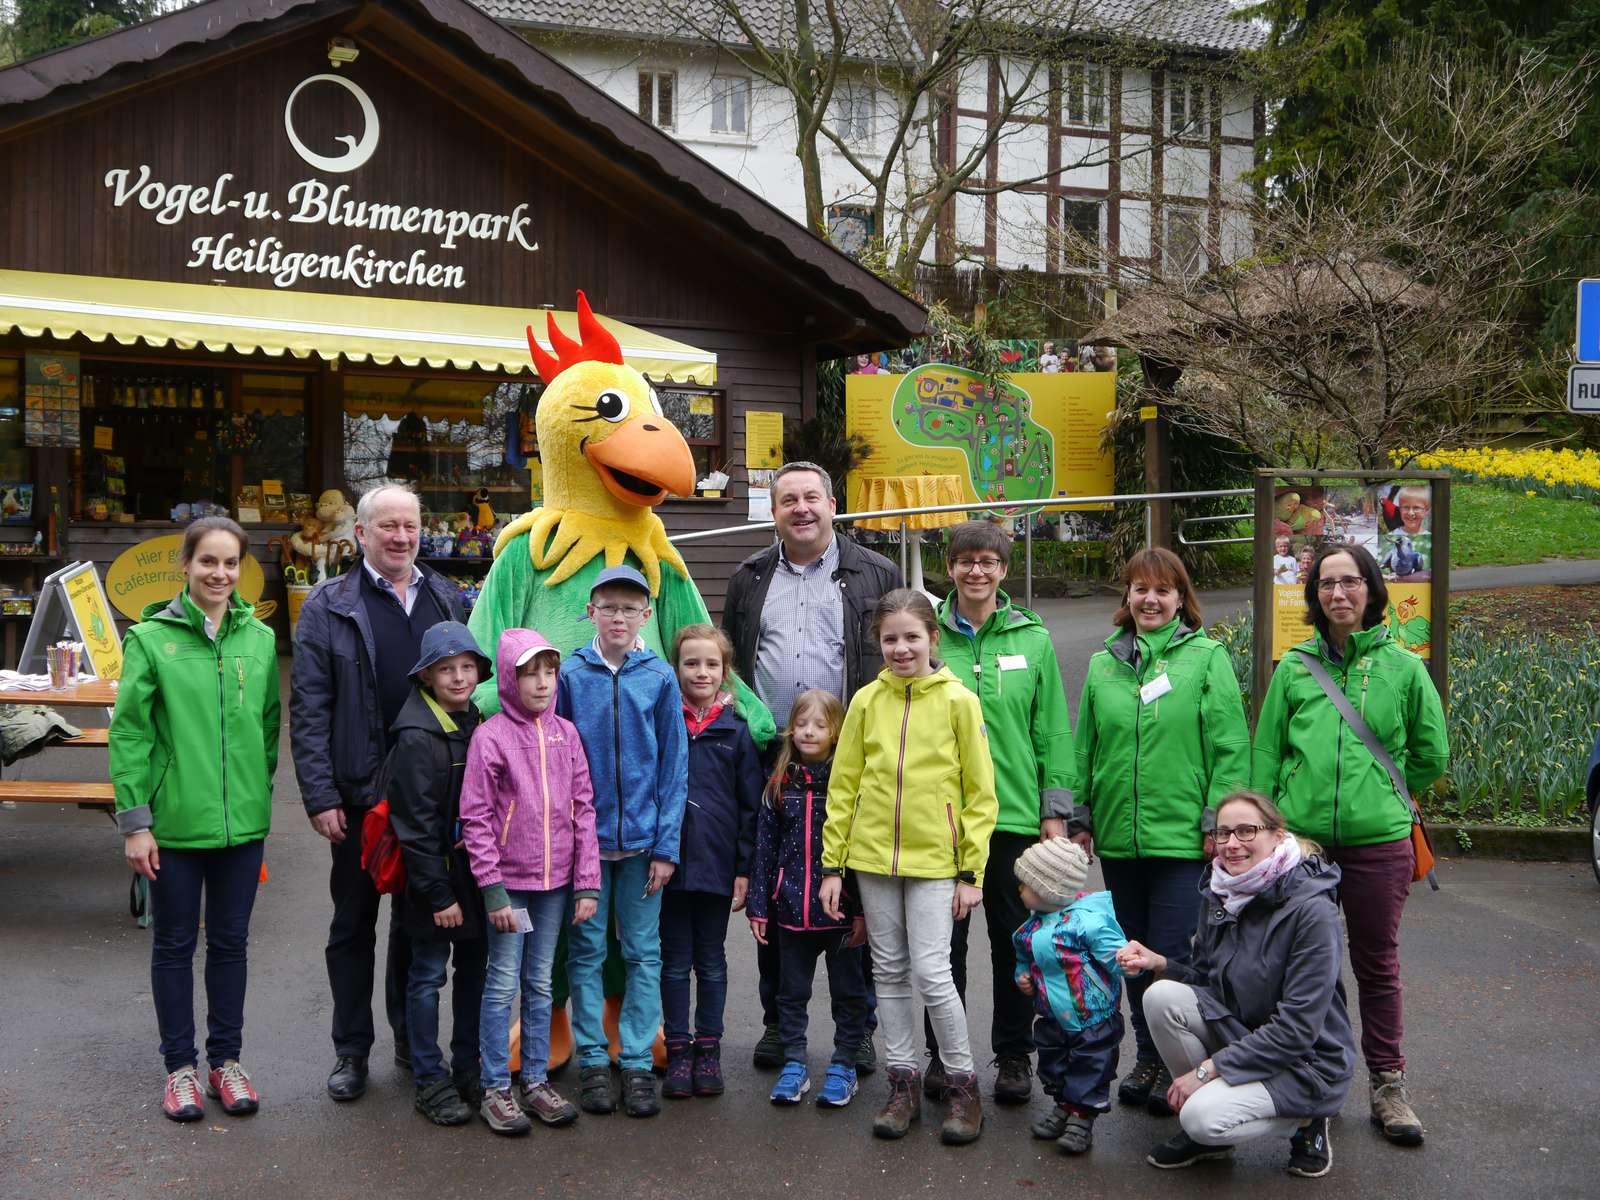 """Die """"KinderErlebniswelt Natur - OH!"""" ist eröffnet! - Umringt von Kindern begrüßt Vogelpark-Direktor F.-W. Eckstein, zusammen mit Maskottchen Matze, Landrat Dr. Axel Lehmann und das Naturpark-Team - Landrat Dr. Lehmann wurde auf der ersten Etappe am Vogelpark von """"Matze"""" und Direktor F.-W. Eckstein begrüßt!"""